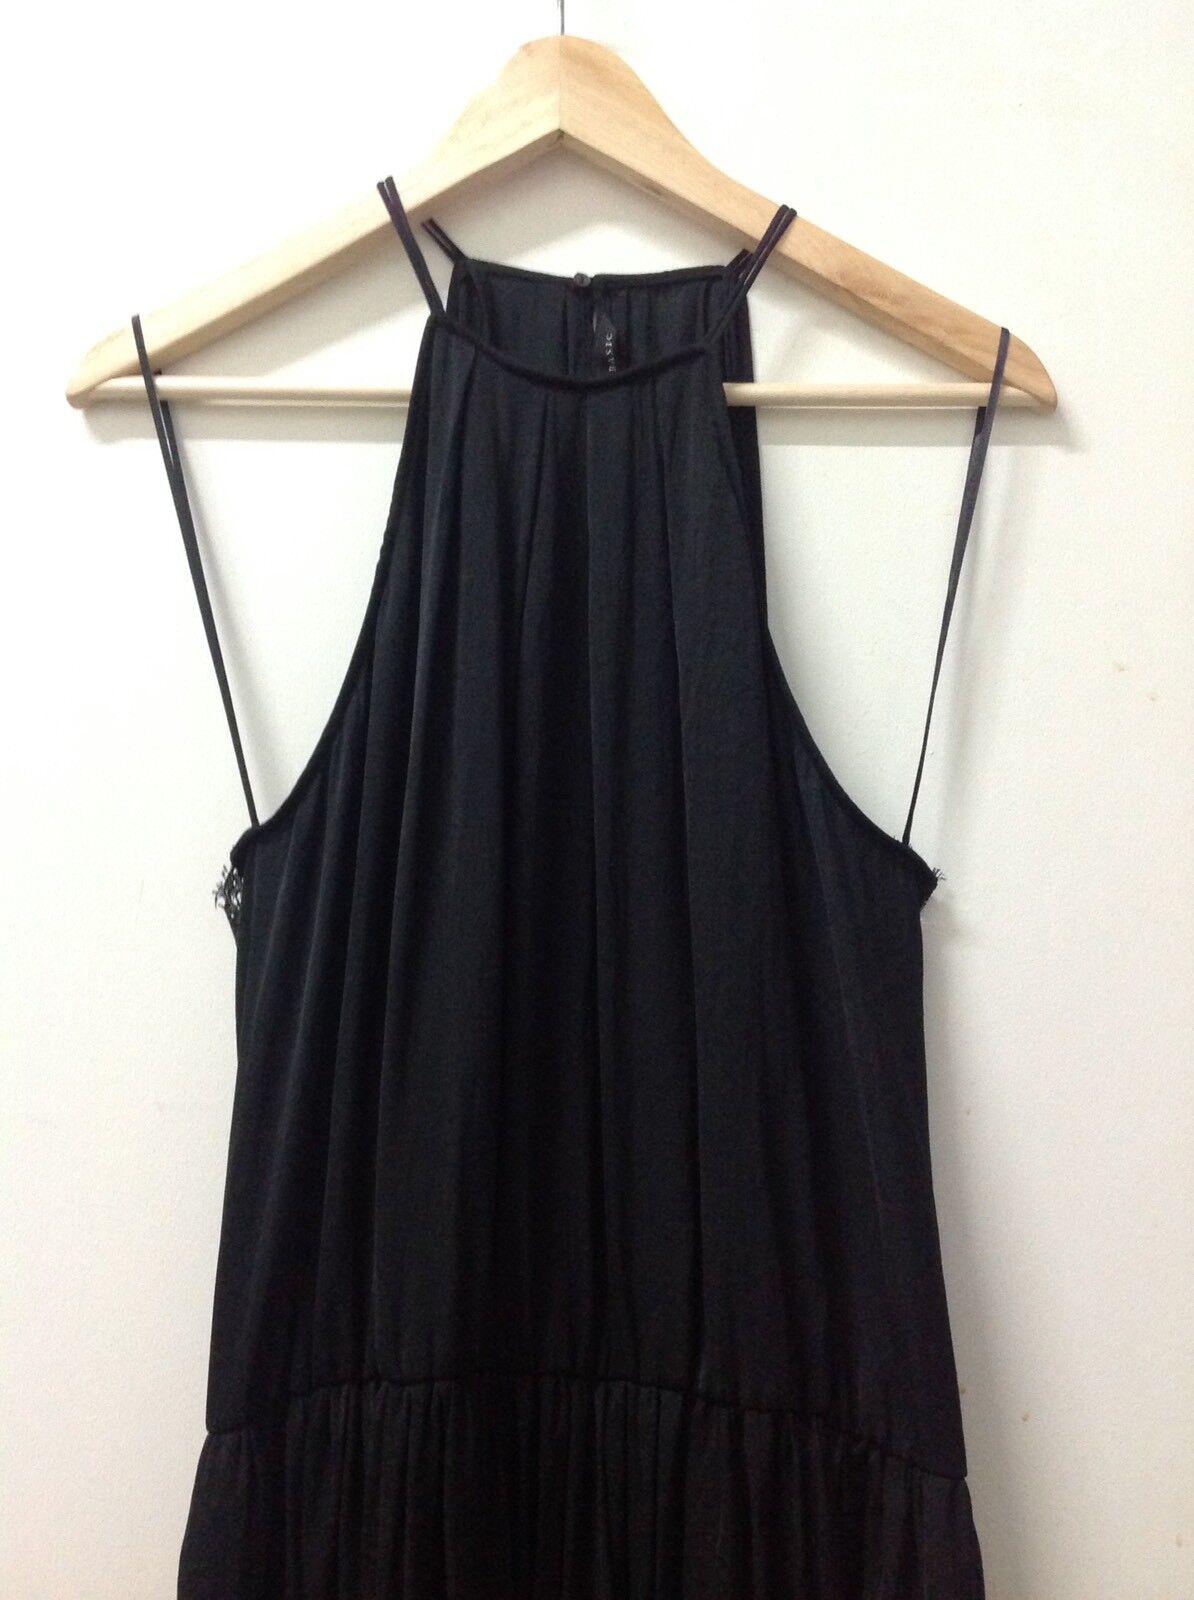 Zara Kleid Abendkleid Mit Spitze Schwarz Gr. L